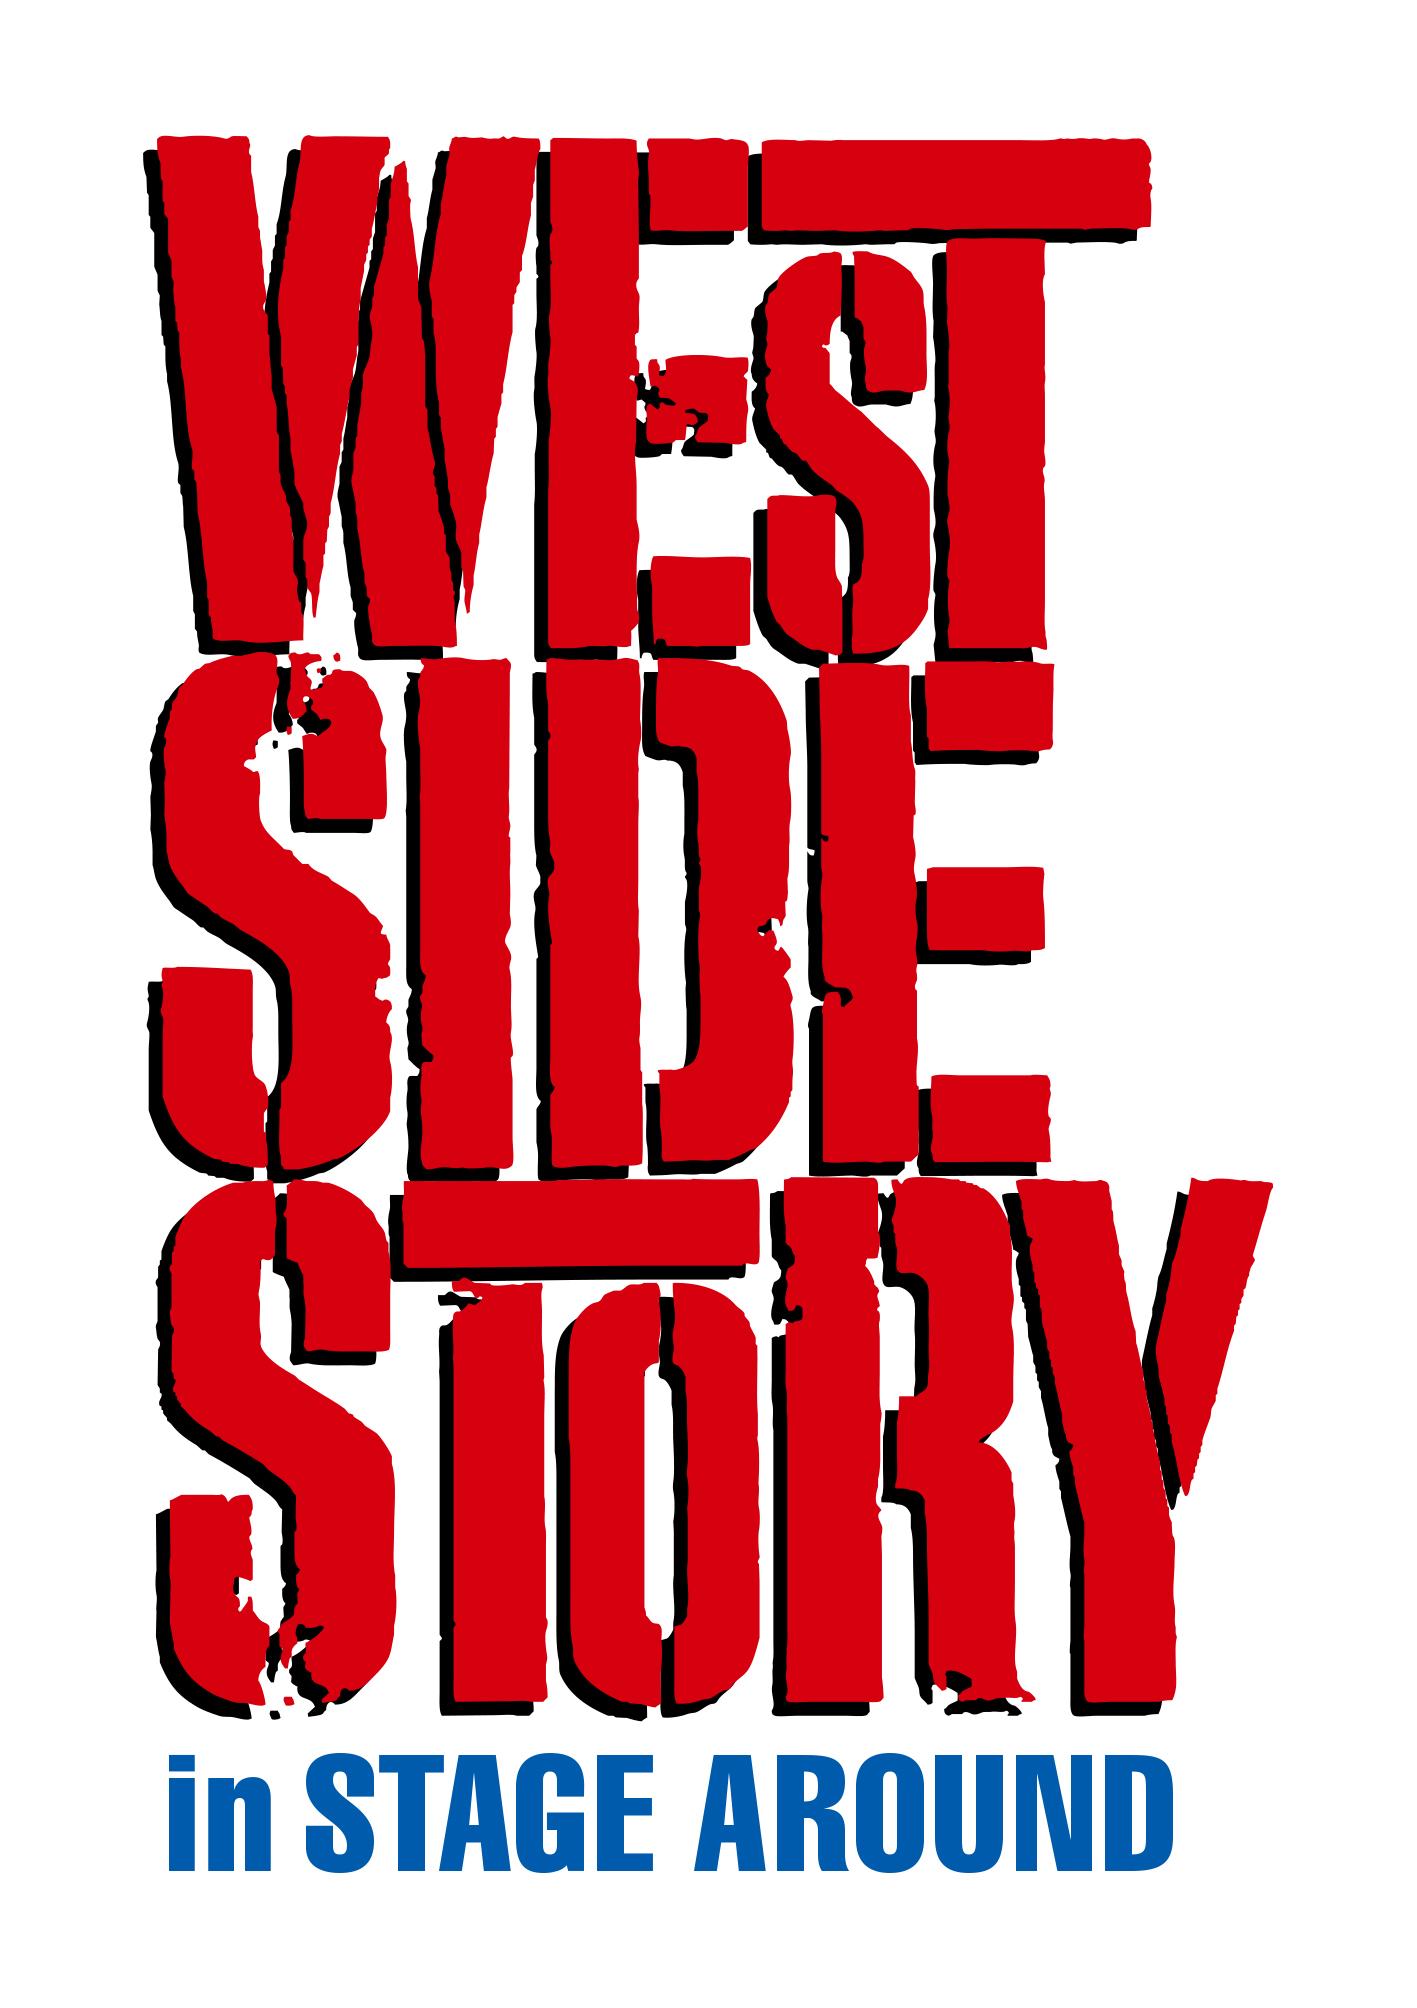 【来日公演】ブロードウェイ・ミュージカル 「ウエスト・サイド・ストーリー」